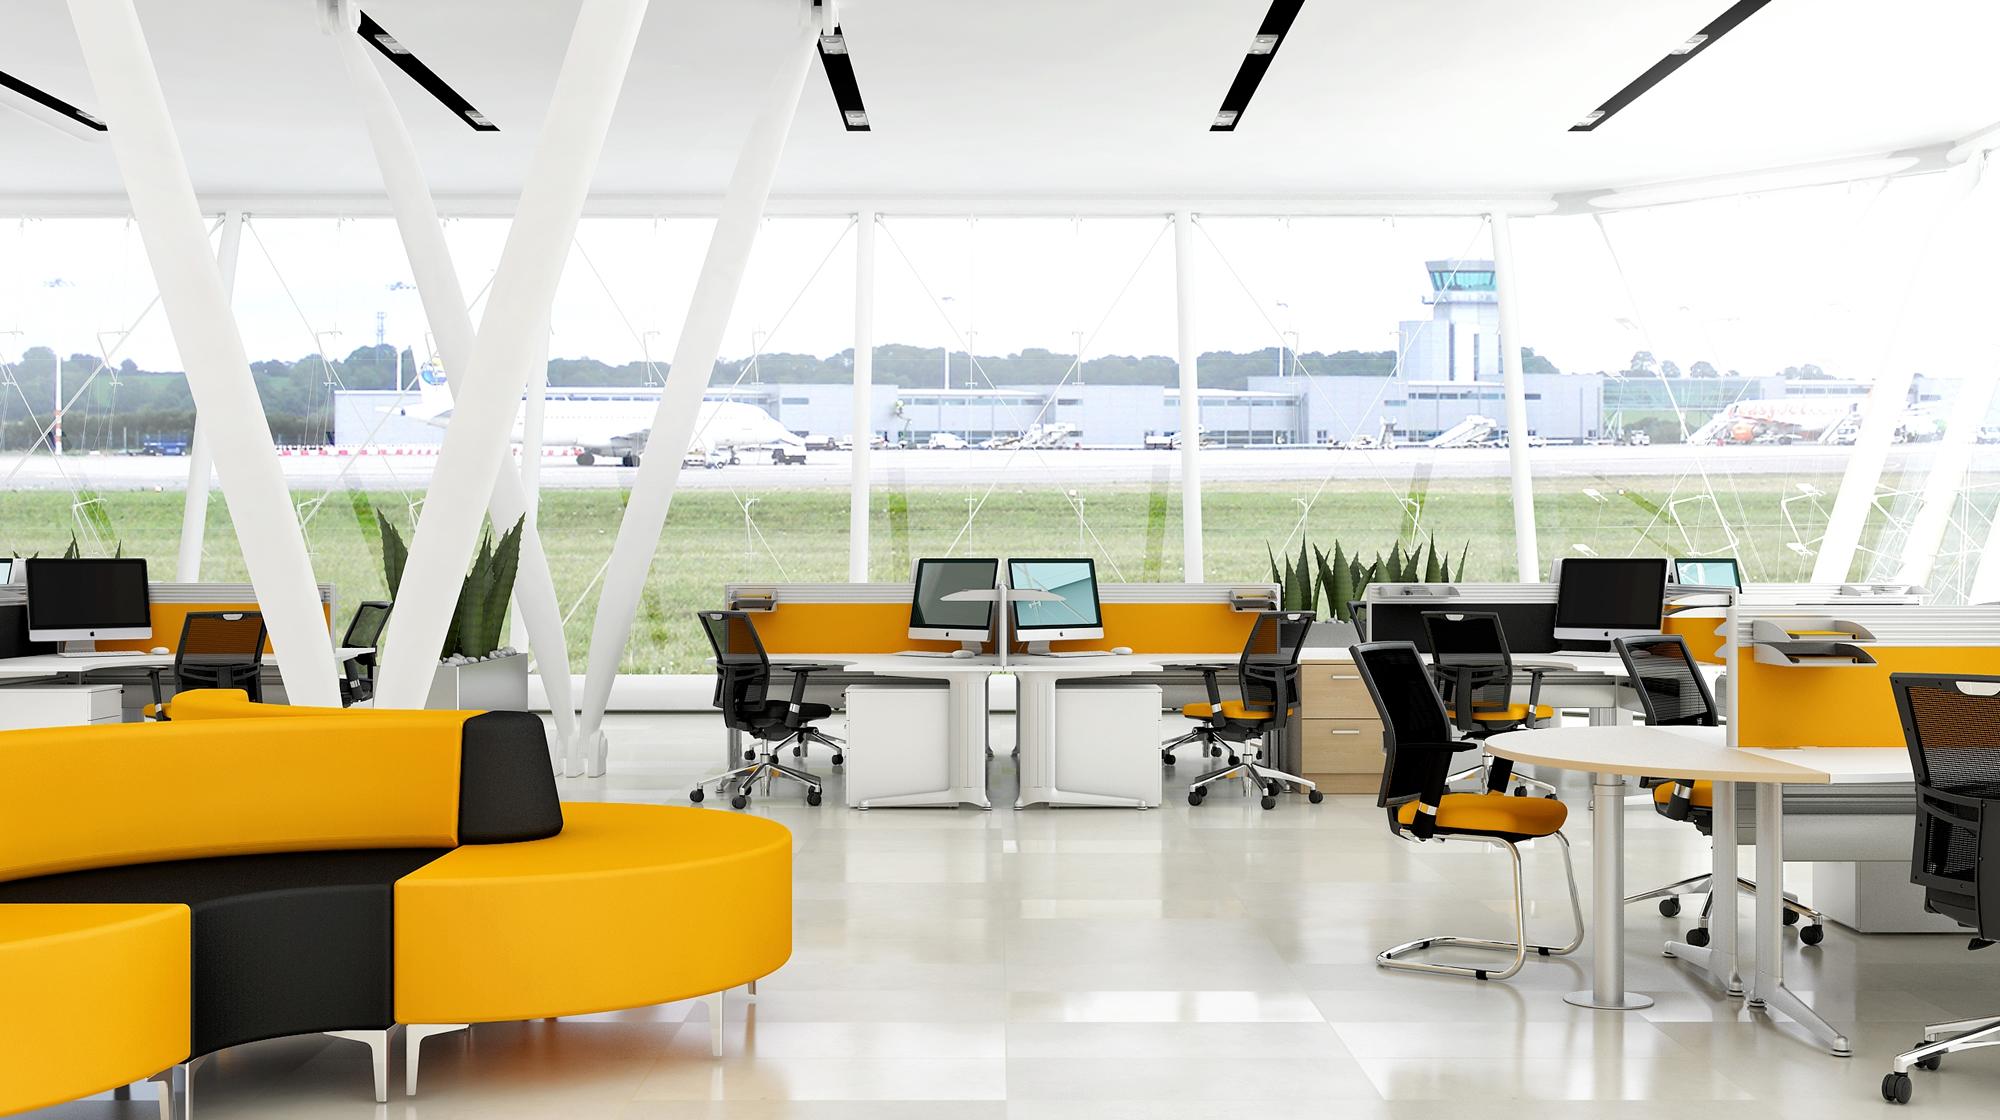 Mẫu nội thất văn phòng hiện đại năm 2018